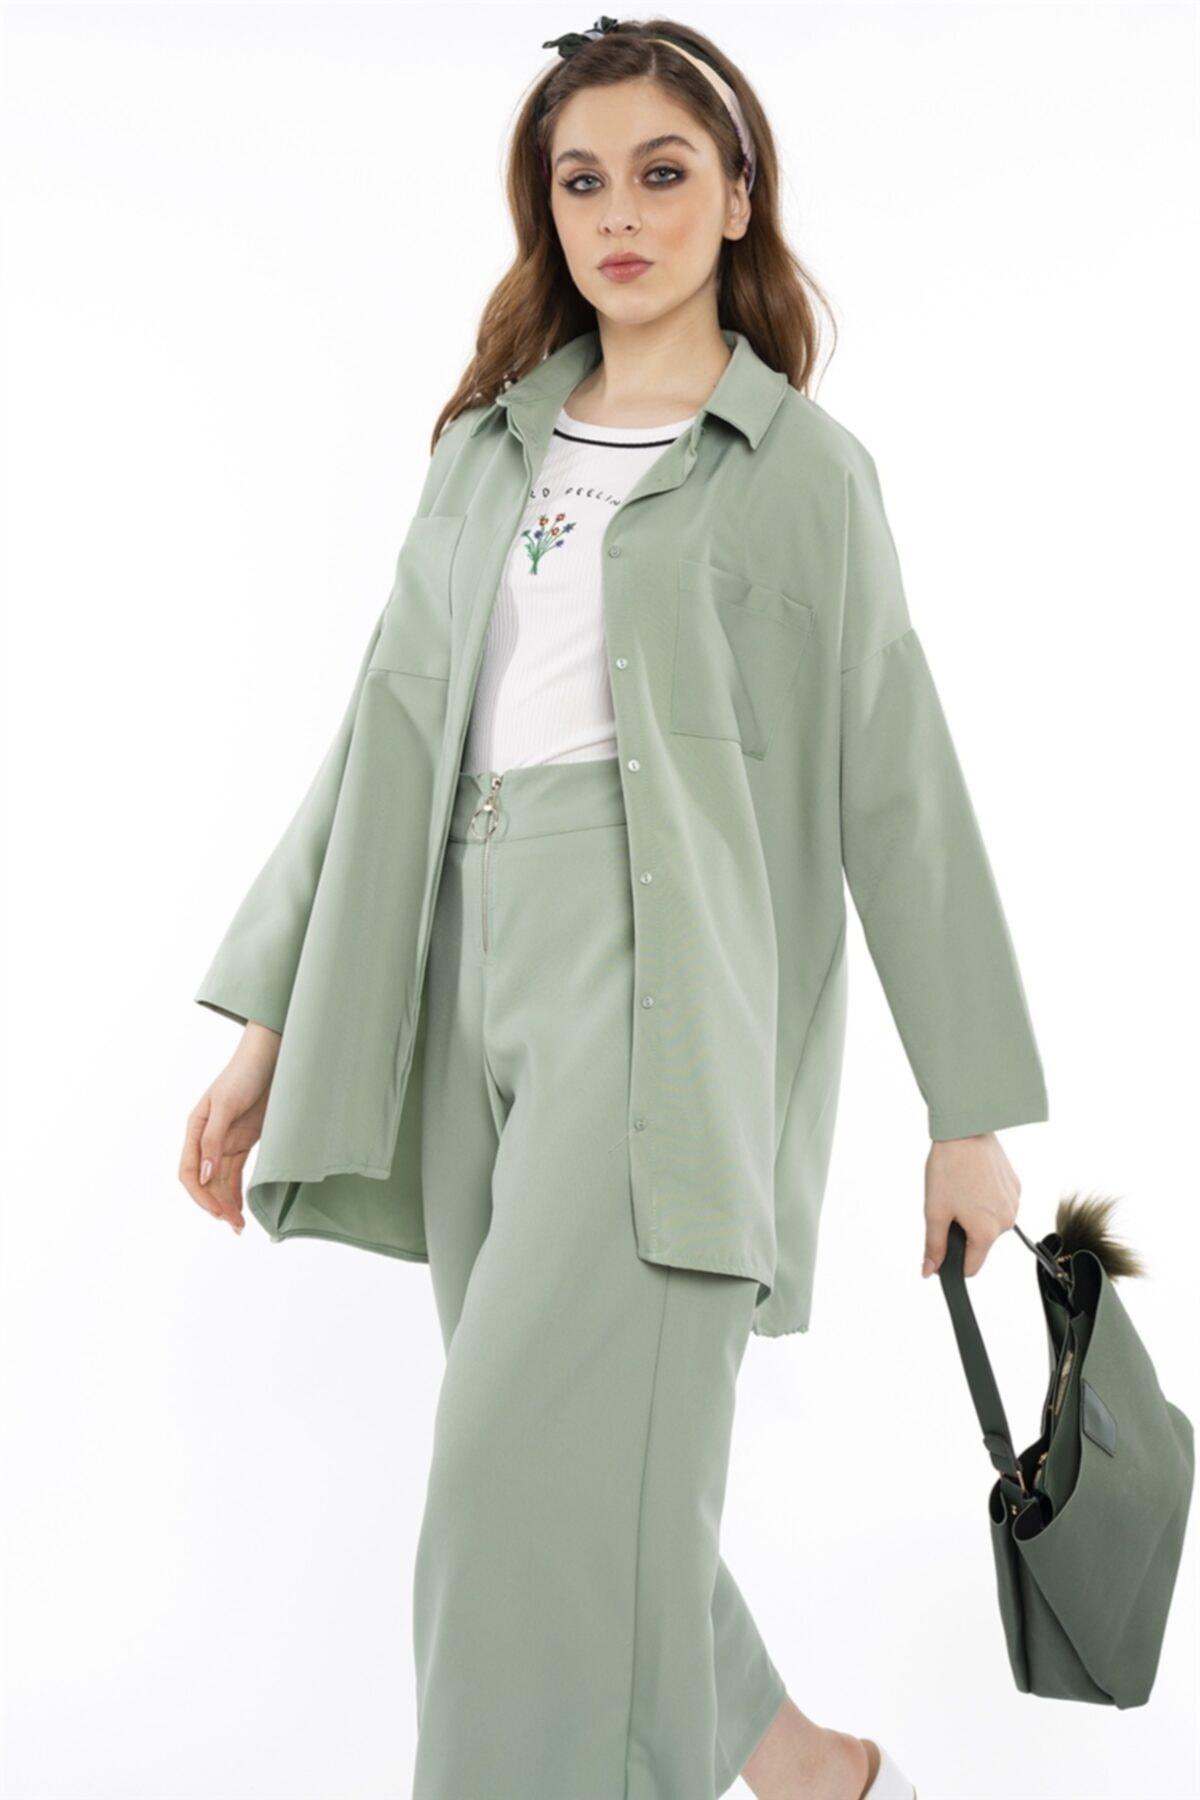 Hadise Kadın Mint Yeşil Çift Cepli Salaş Gömlek 2674 2